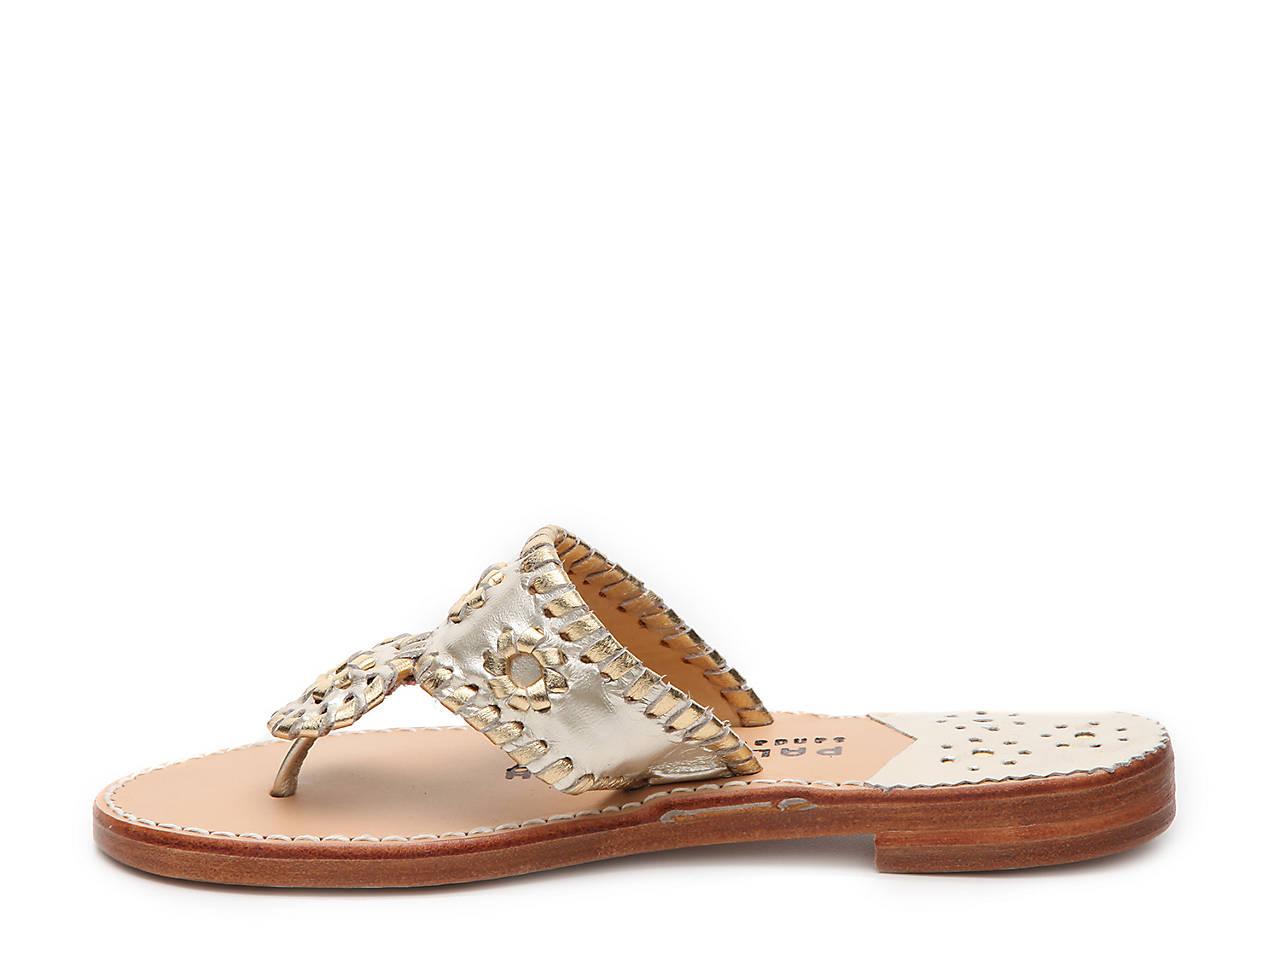 Black sandals at dsw - Black Sandals At Dsw 44